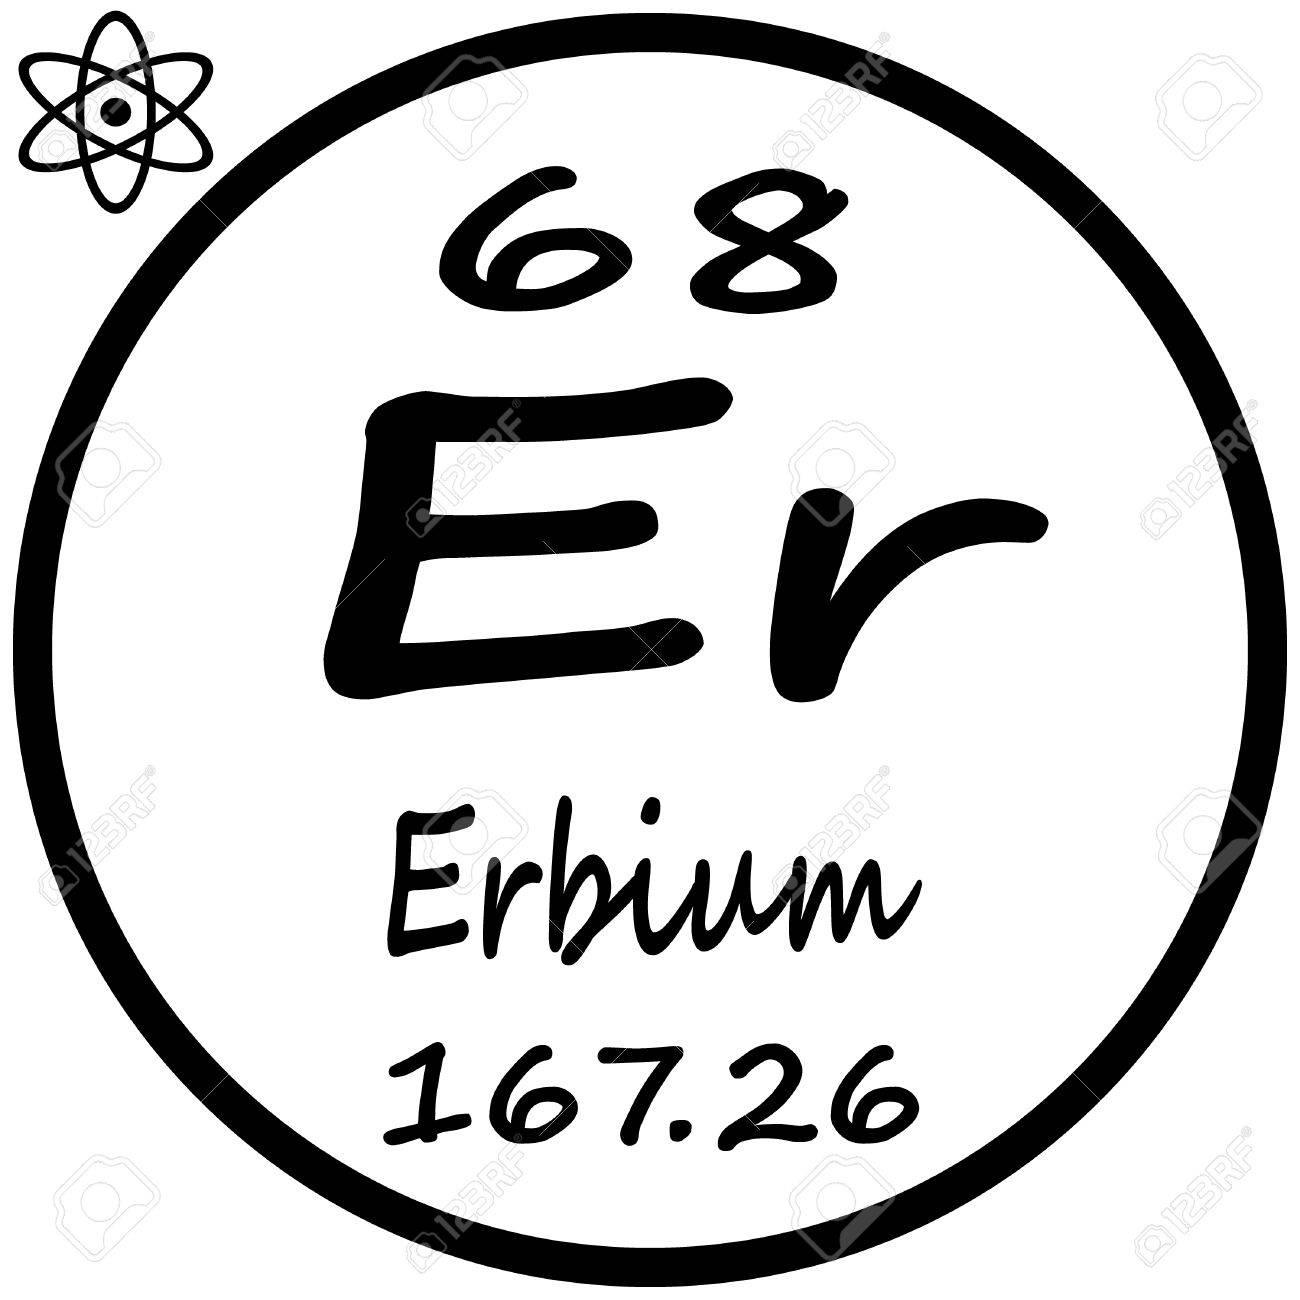 Erbium chemical element periodic table idef0 visio arrow clip art erbium chemical element periodic table africa and egypt map 53482605 periodic table of elements erbium stock gamestrikefo Image collections